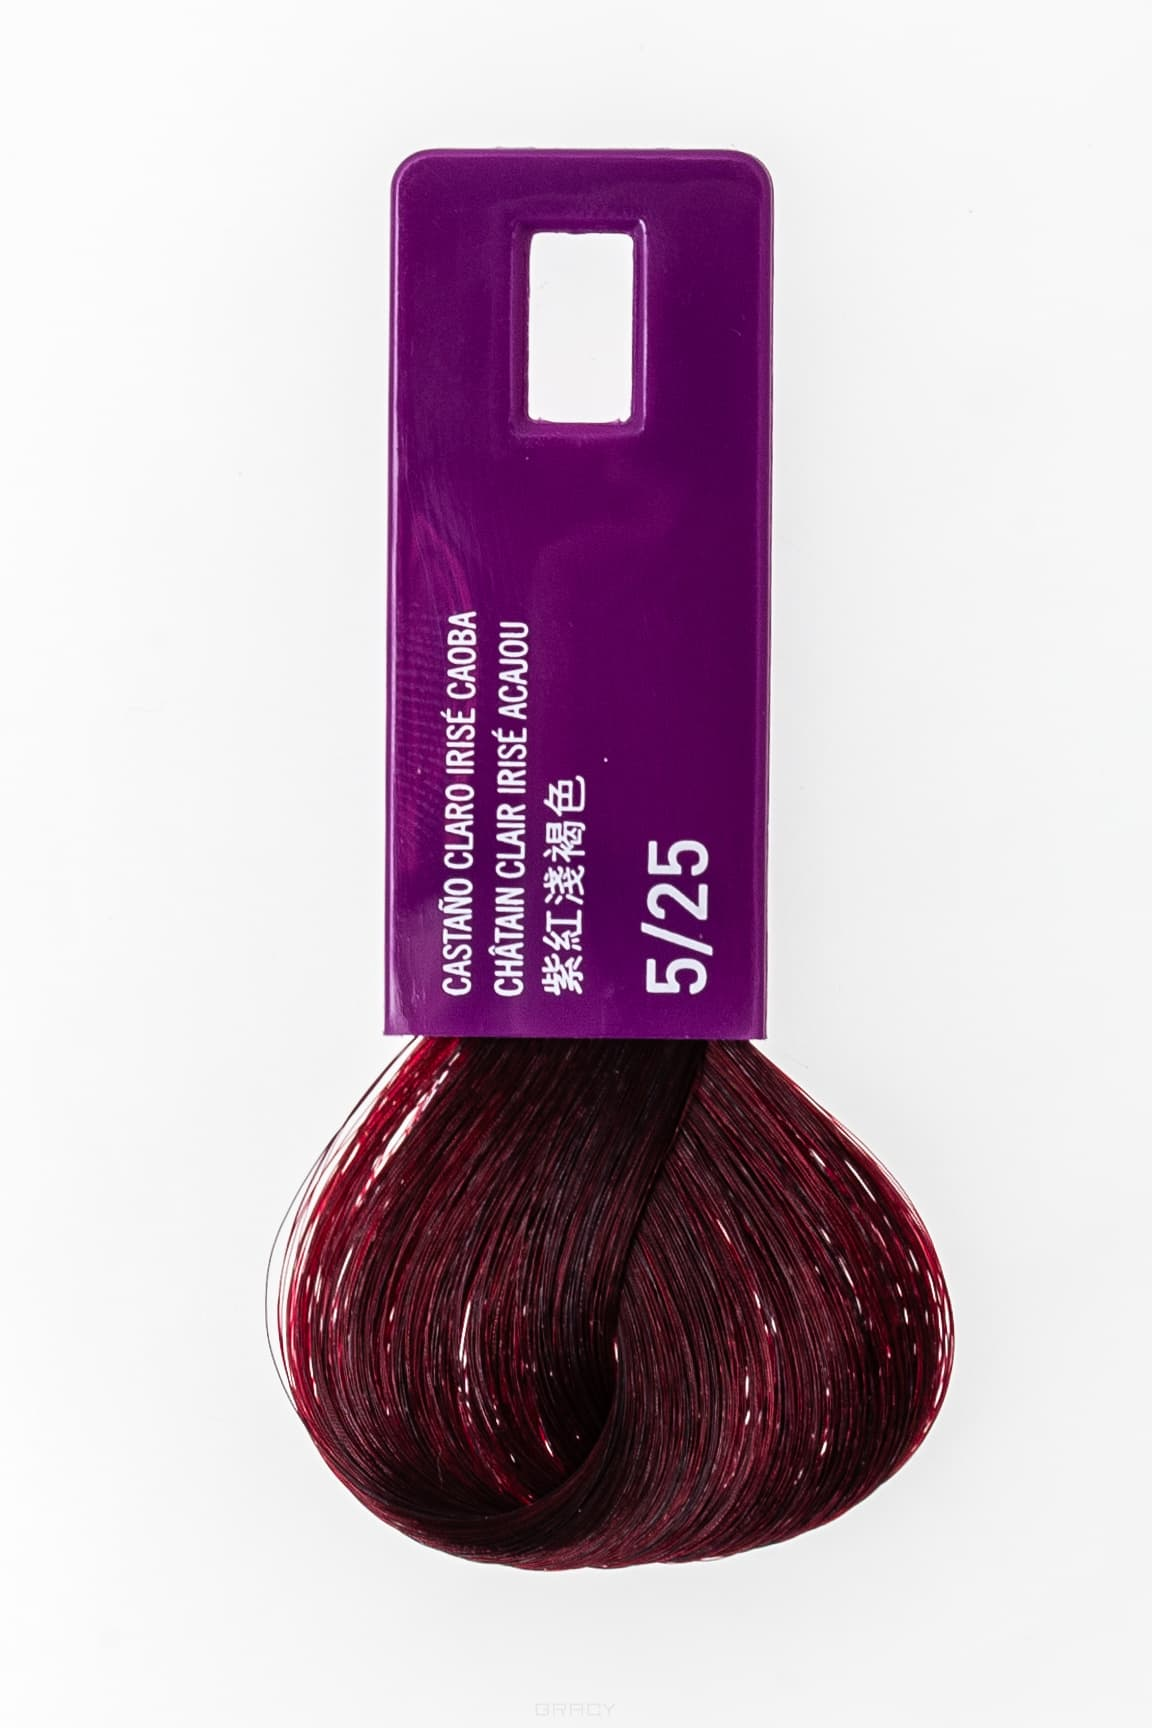 Lakme, Крем-краска для волос тонирующая Gloss, 60 мл (54 оттенка) 5/25 светлый шатен фиолетово-махагоновый